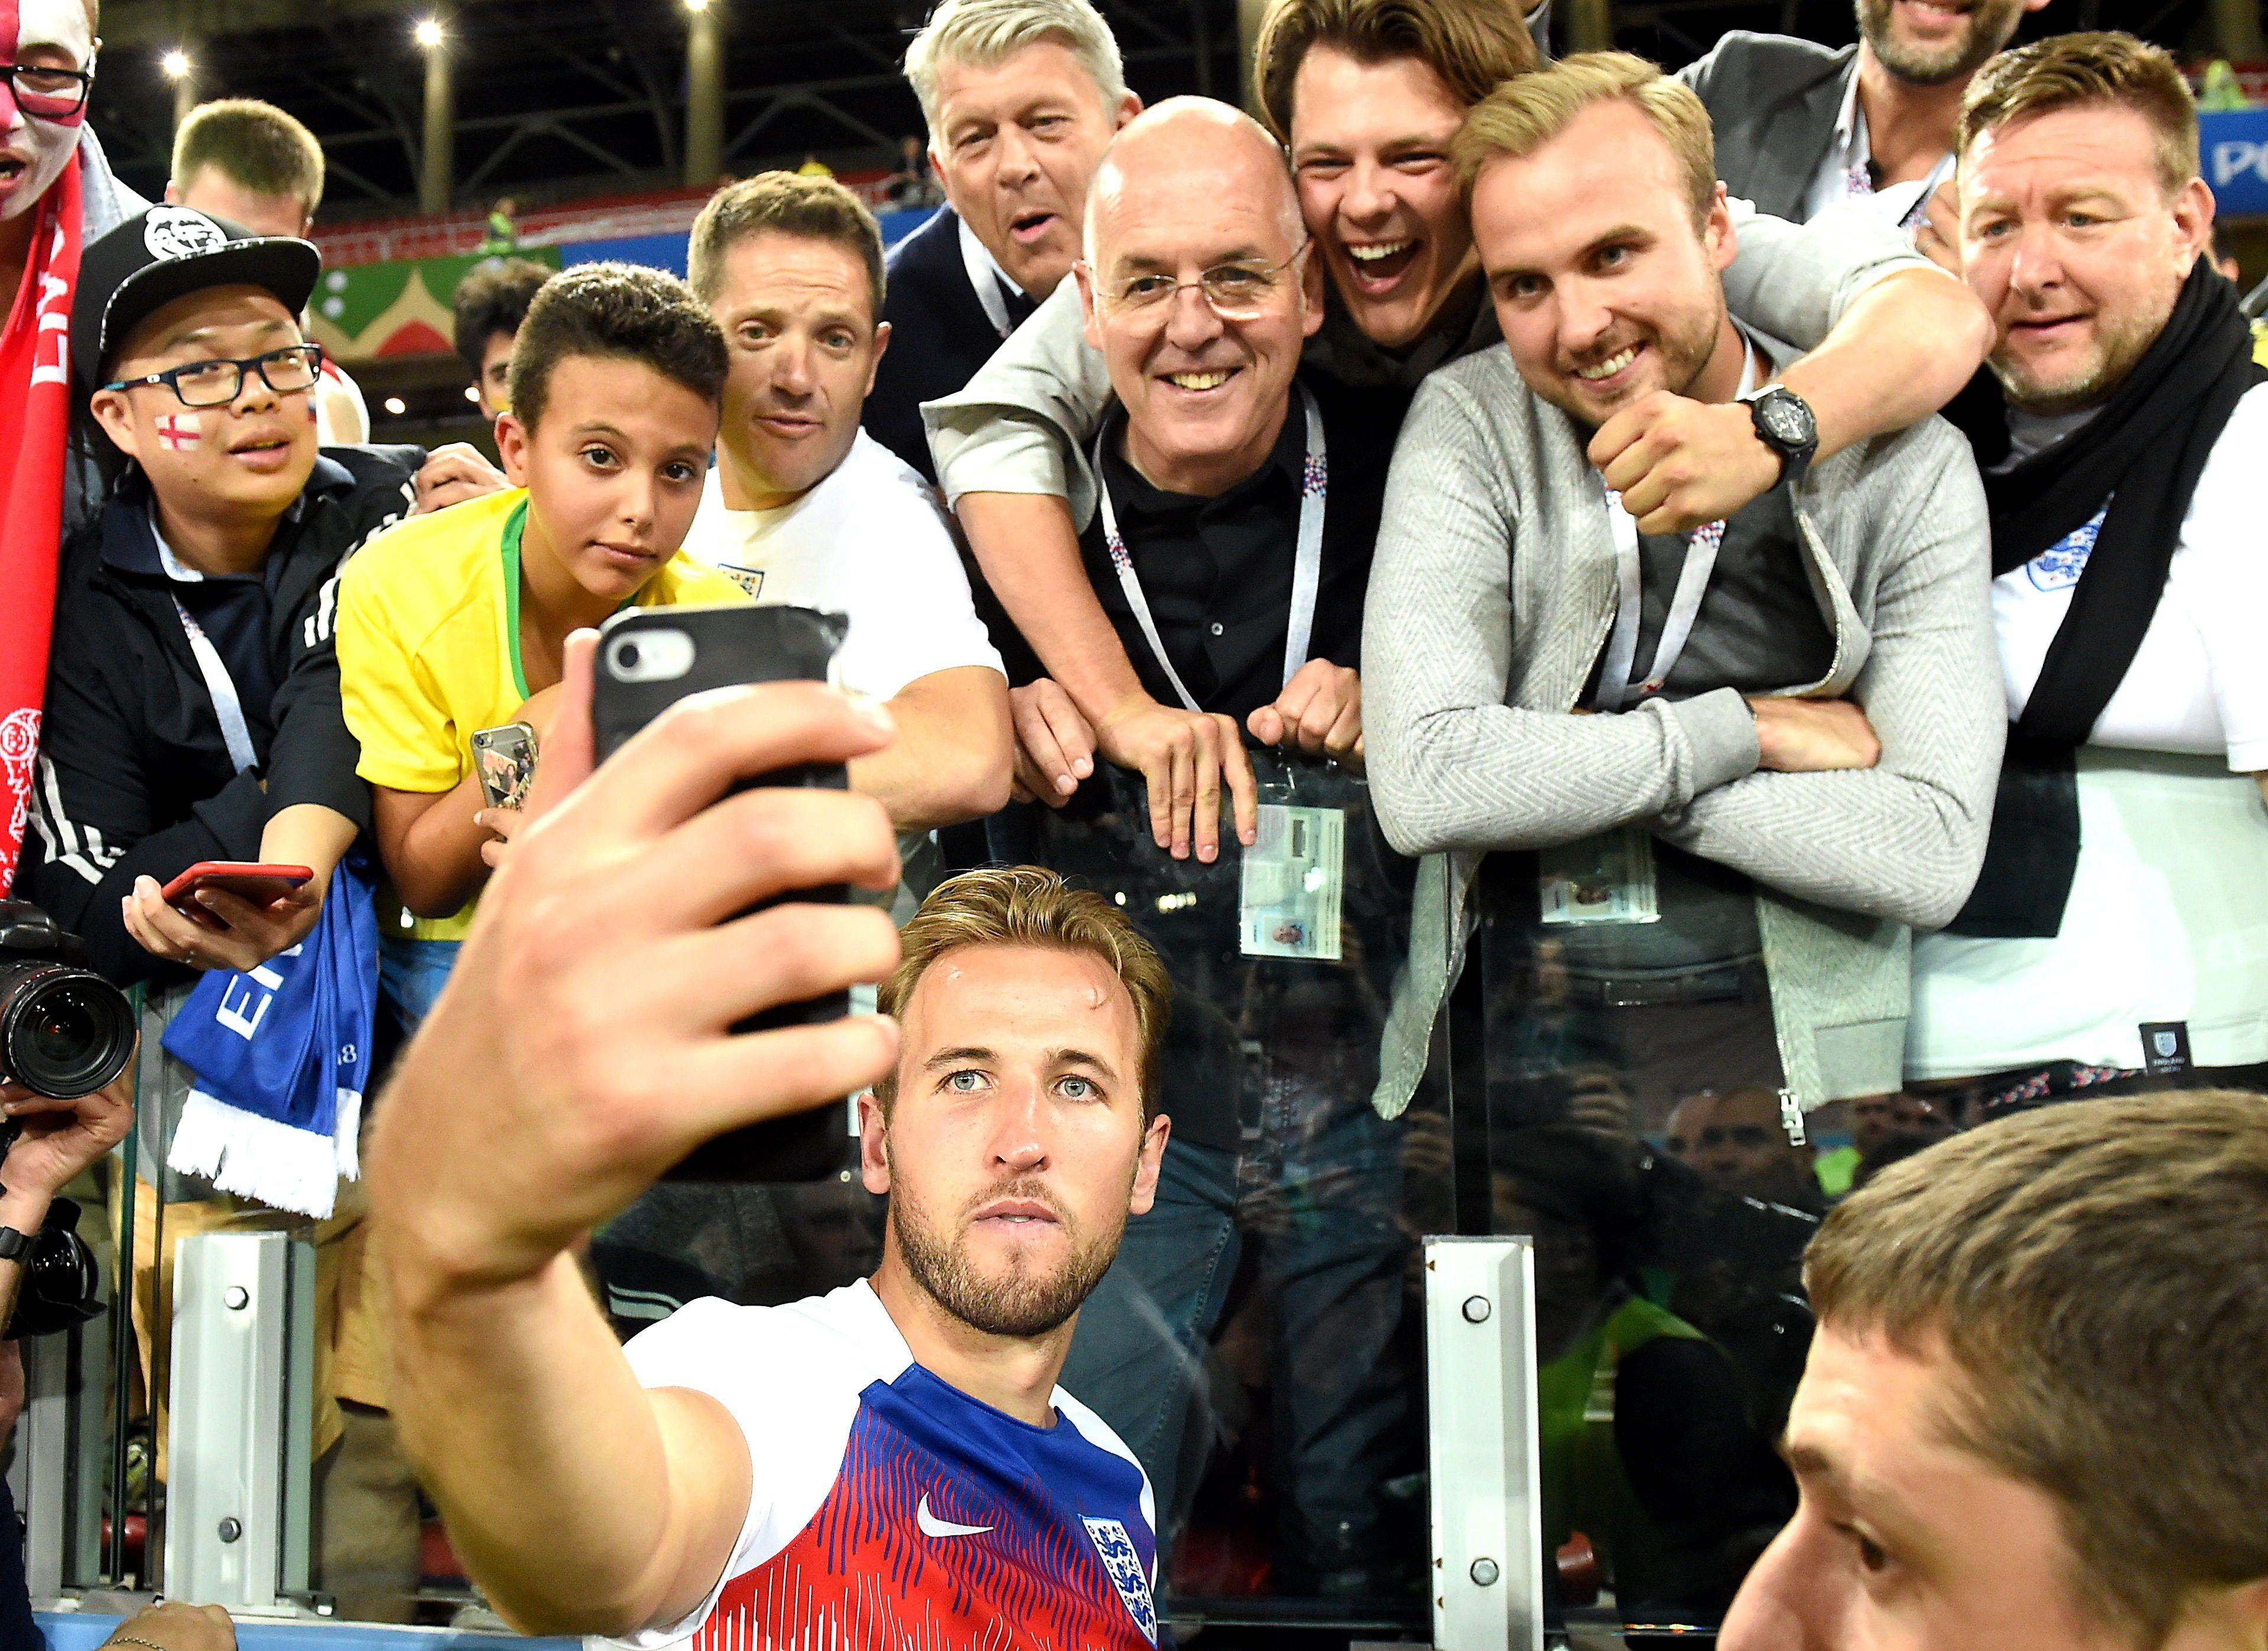 Kane se saca una selfie con los hinchas tras el partido. Foto: EFE